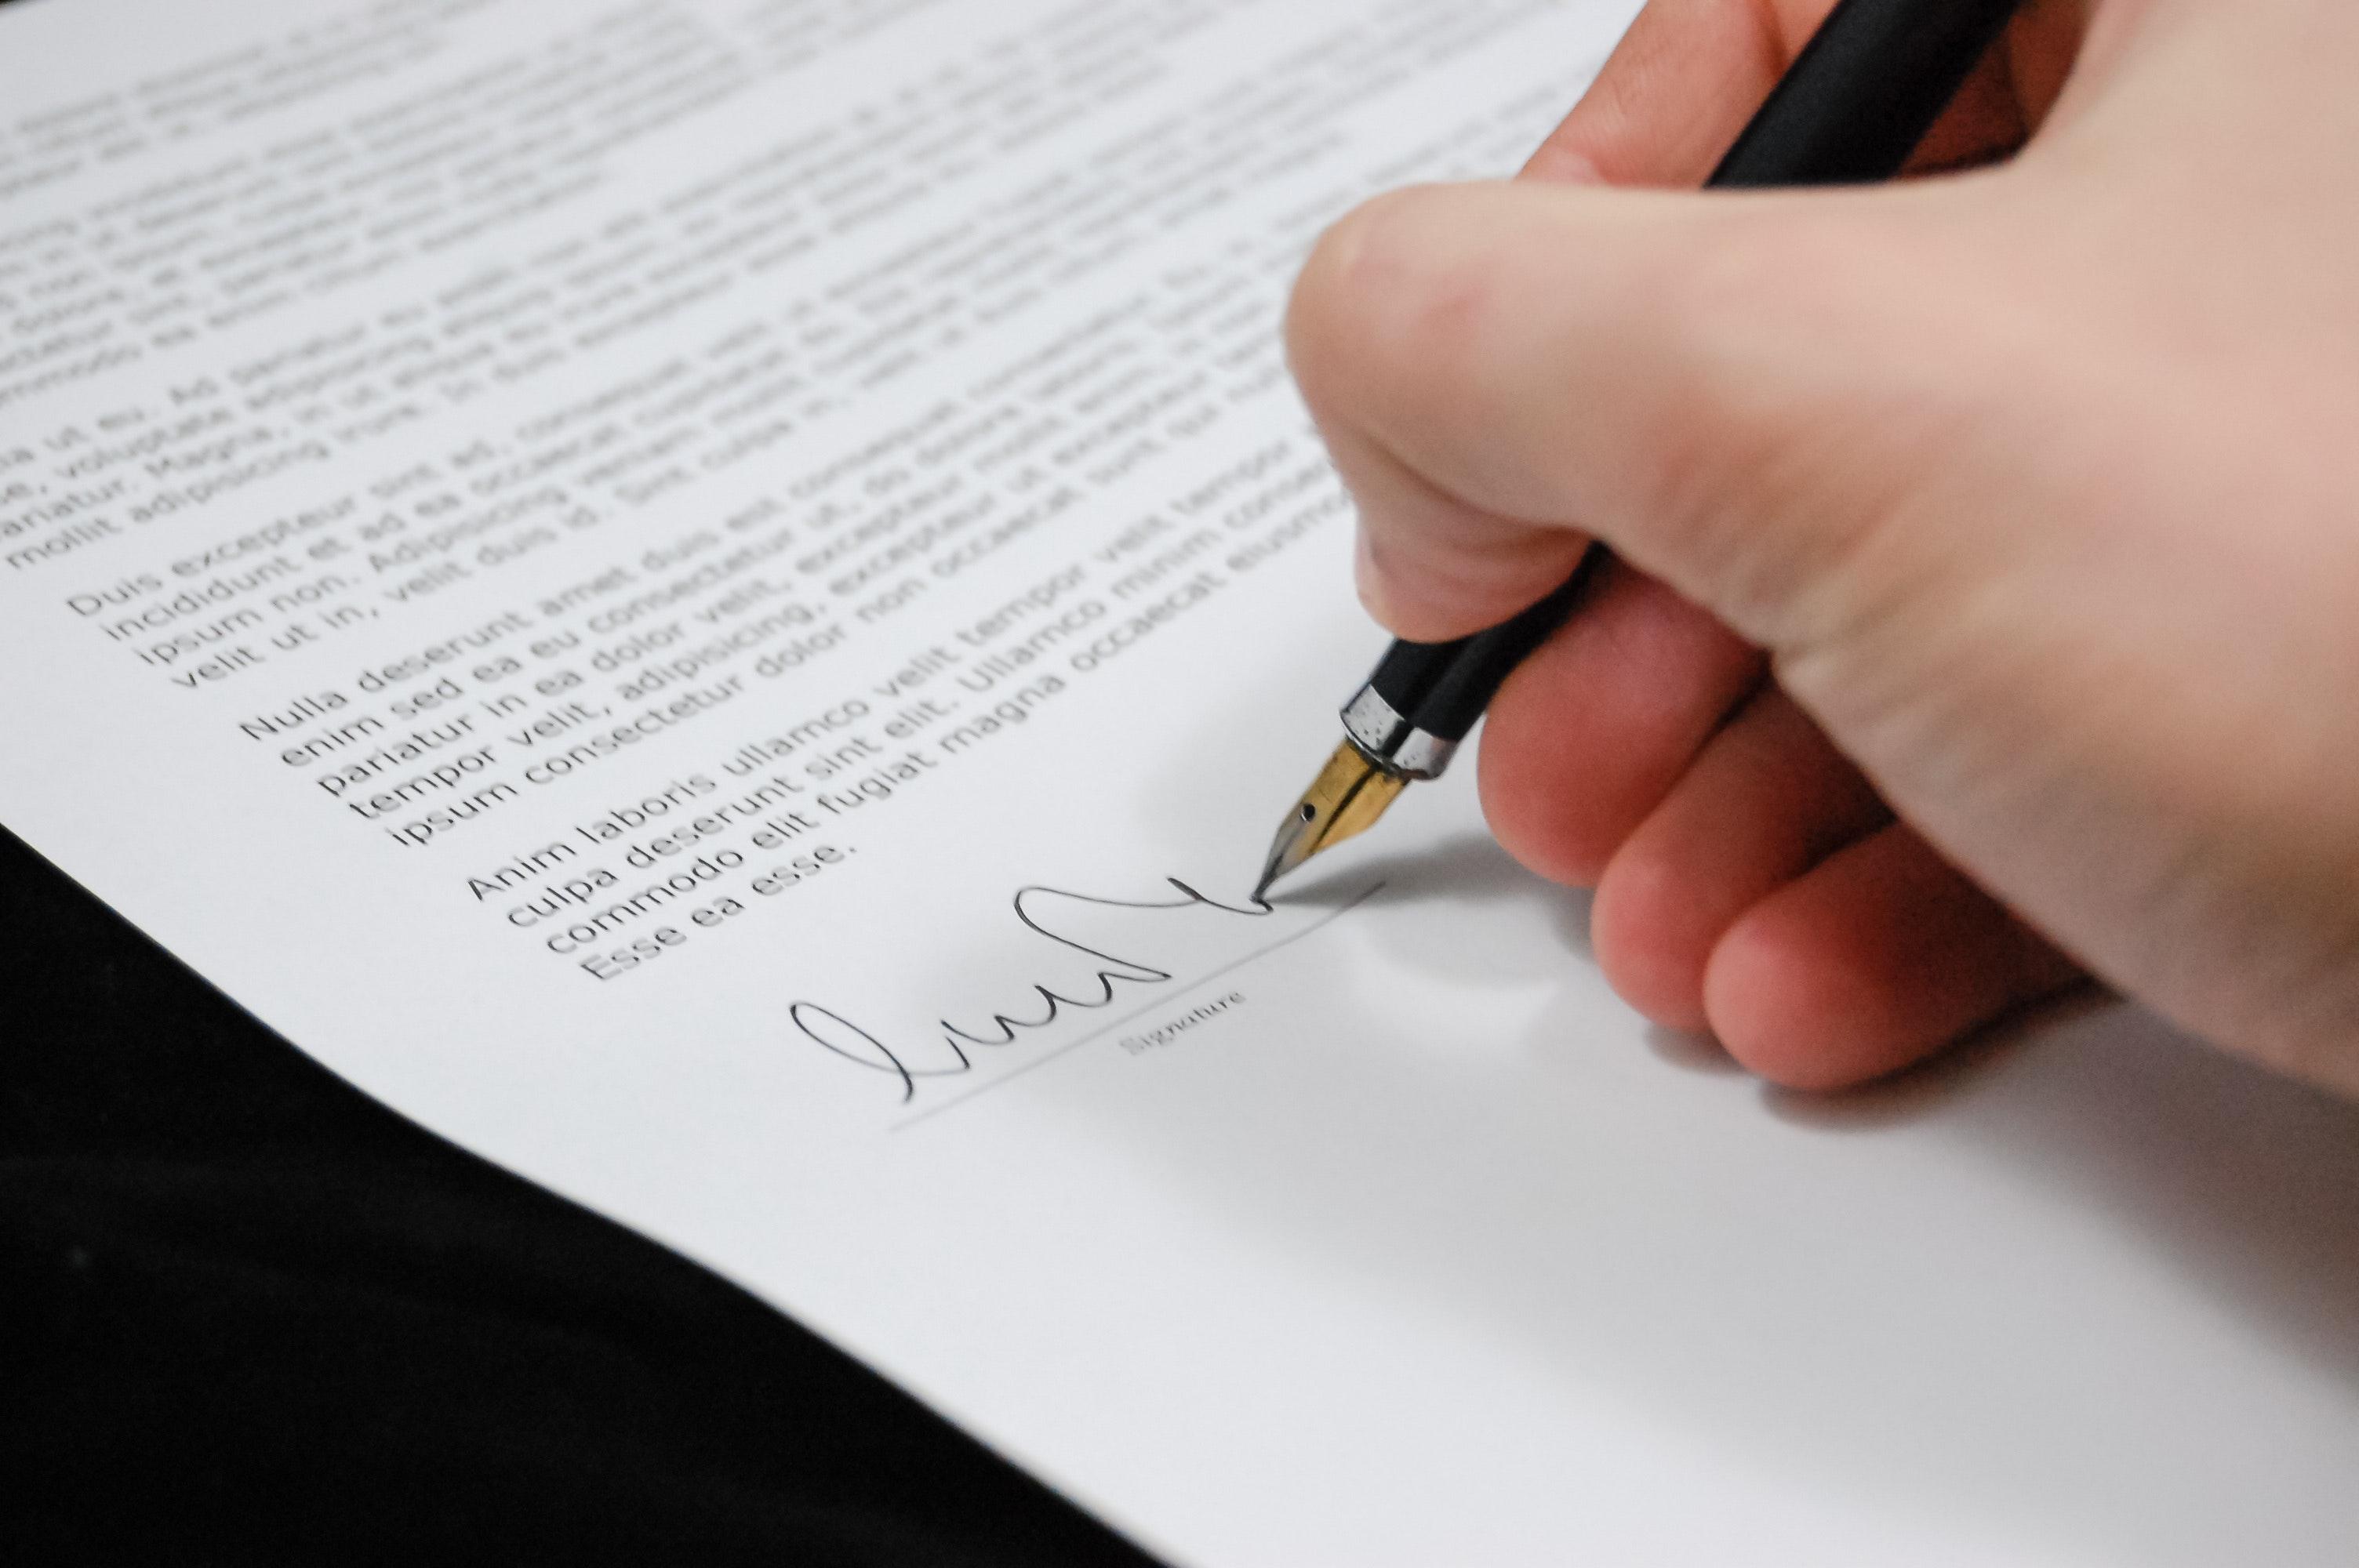 Подписание документа